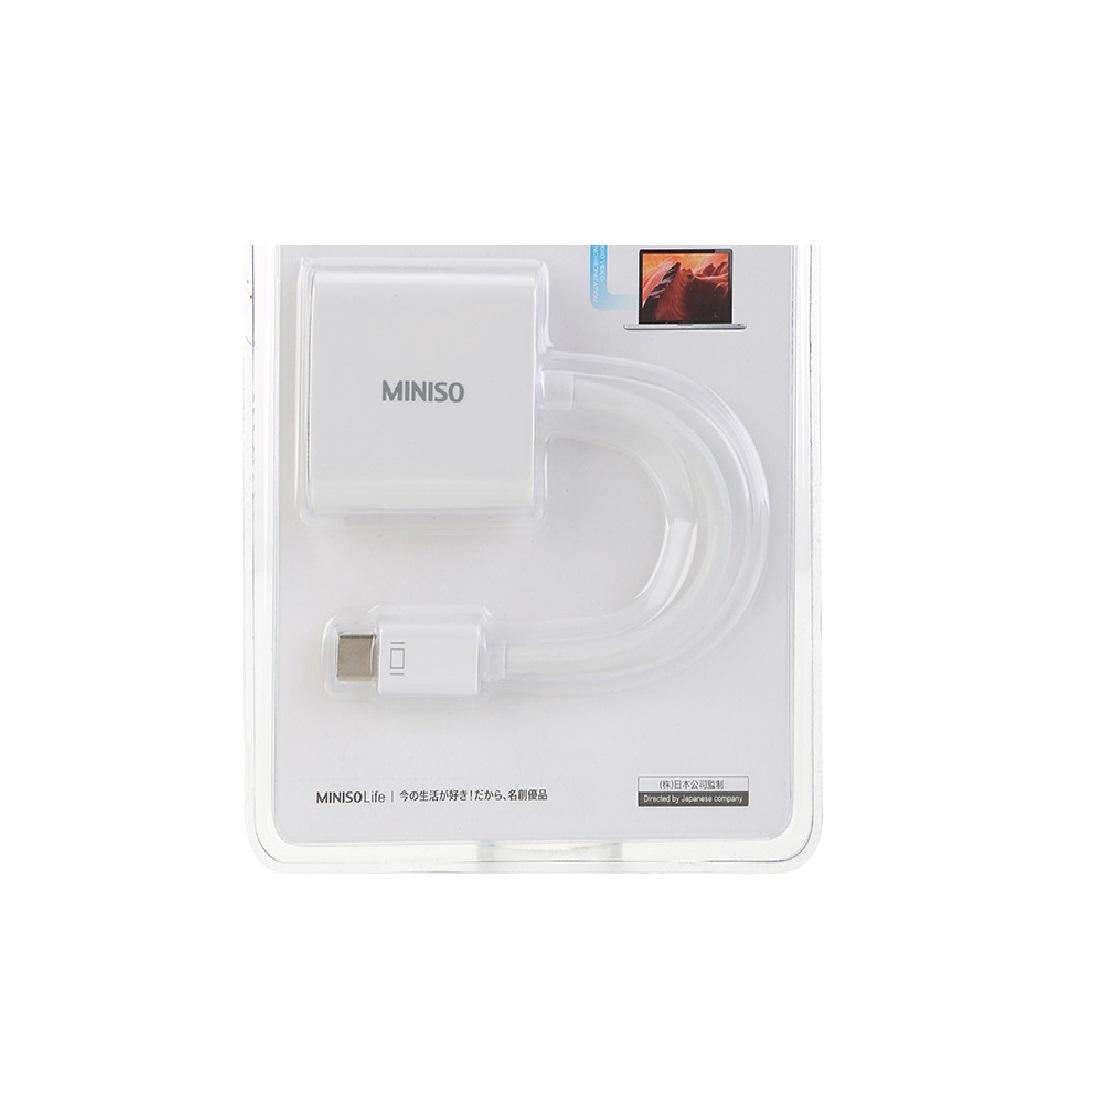 Cáp chuyển đổi mini DP sang VGA Miniso - Hàng chính hãng